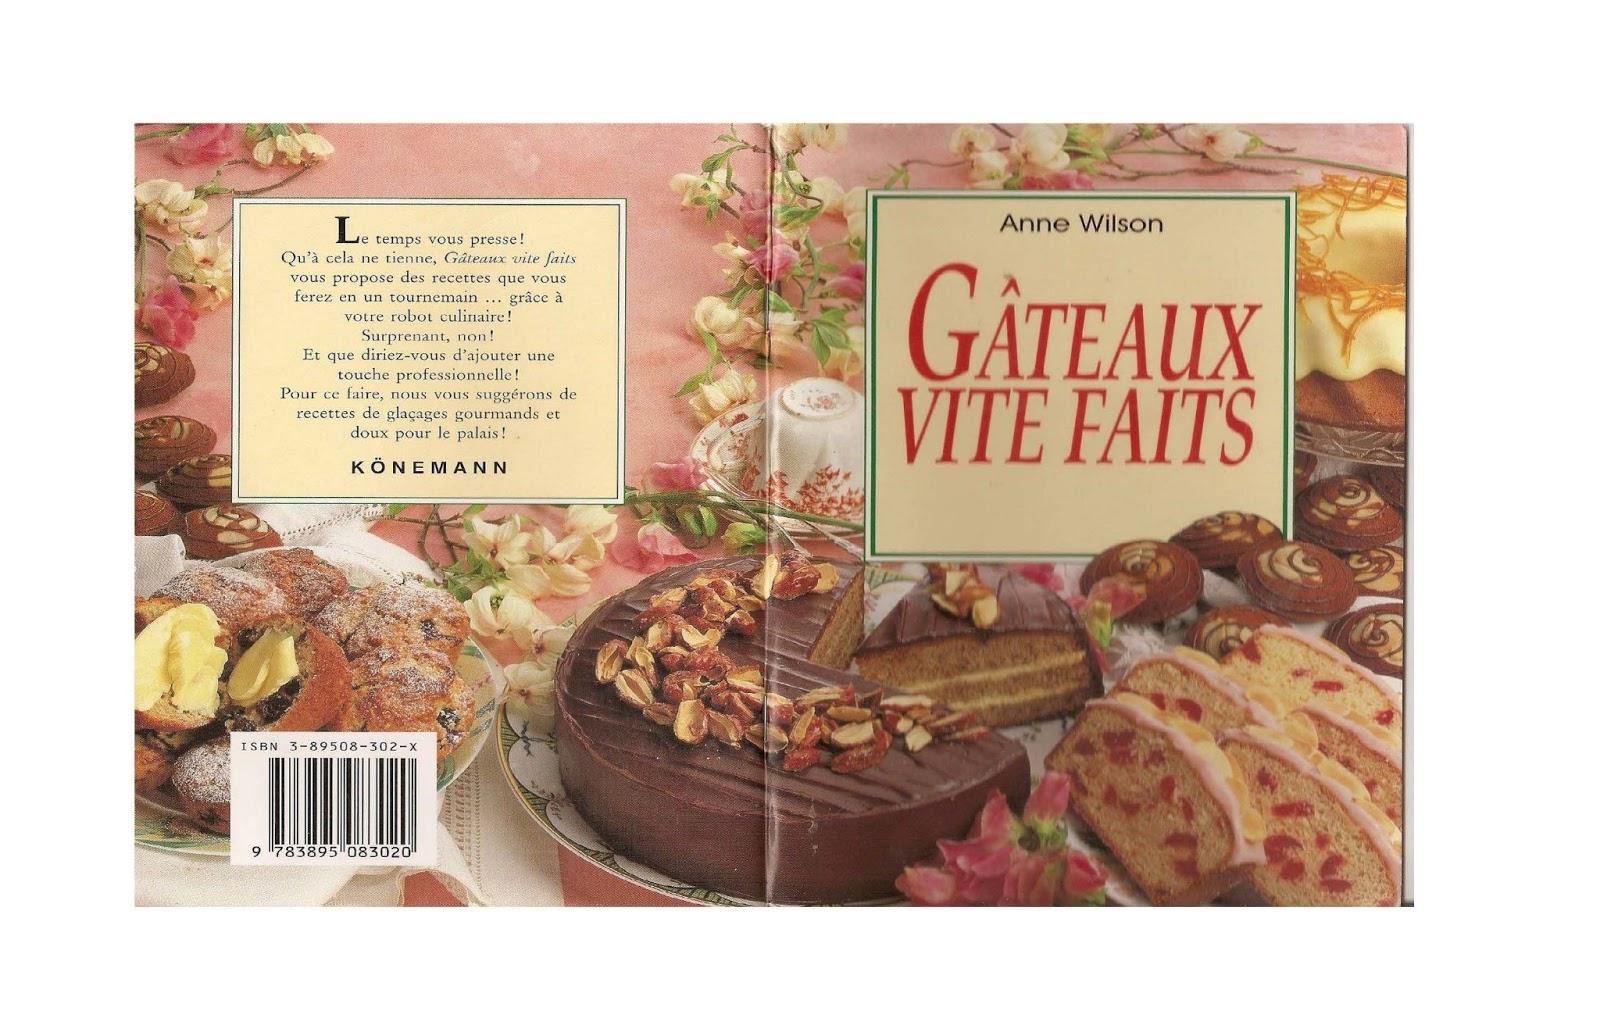 Telecharger anne wilson gateaux vite fait pdf livres - Telecharger recette de cuisine algerienne pdf ...